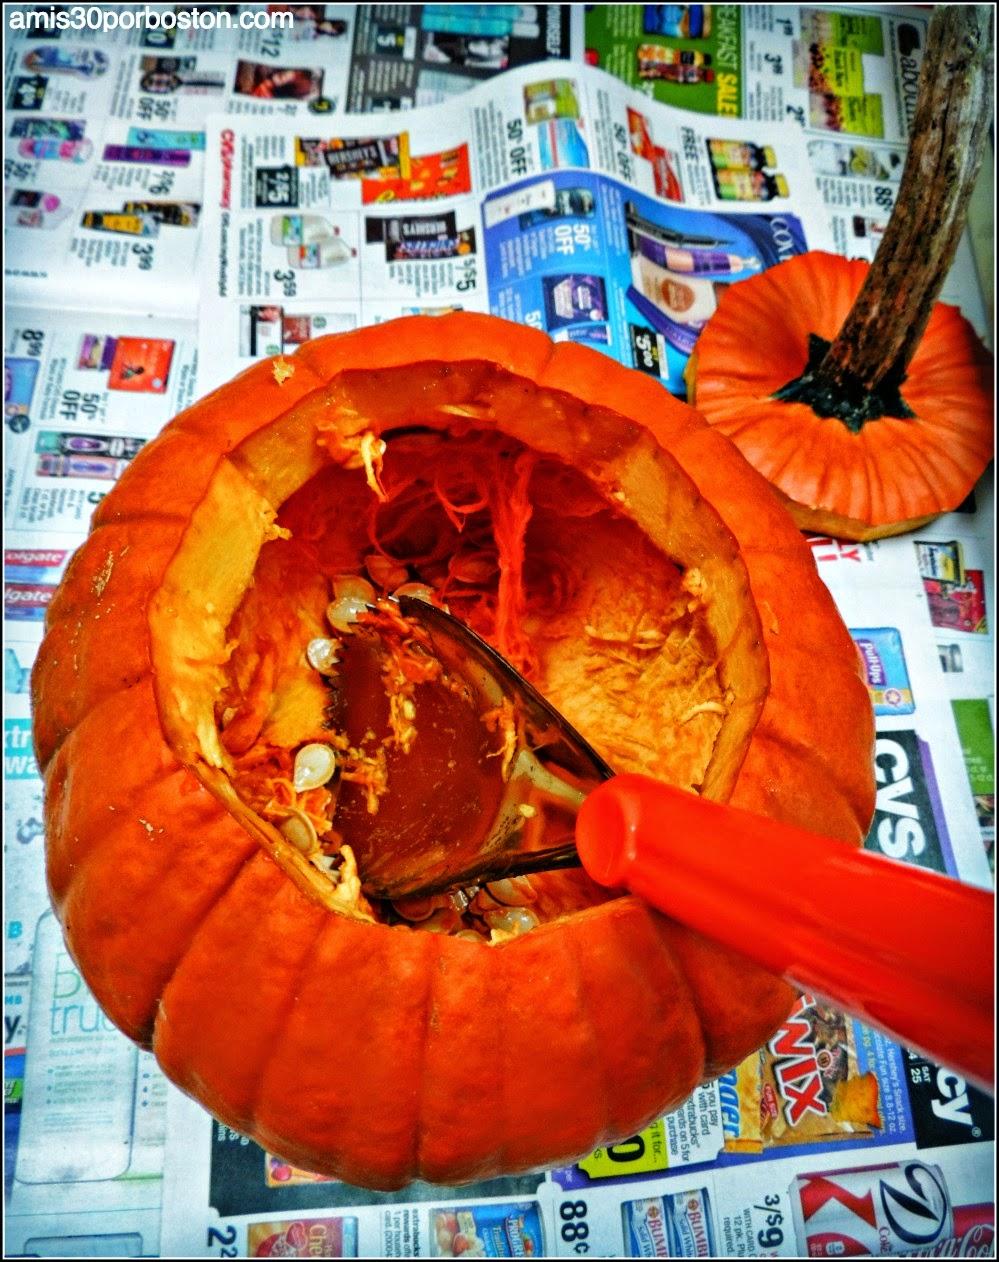 Calabazas Decoradas para Halloween: Corte de la Calabaza por Arriba